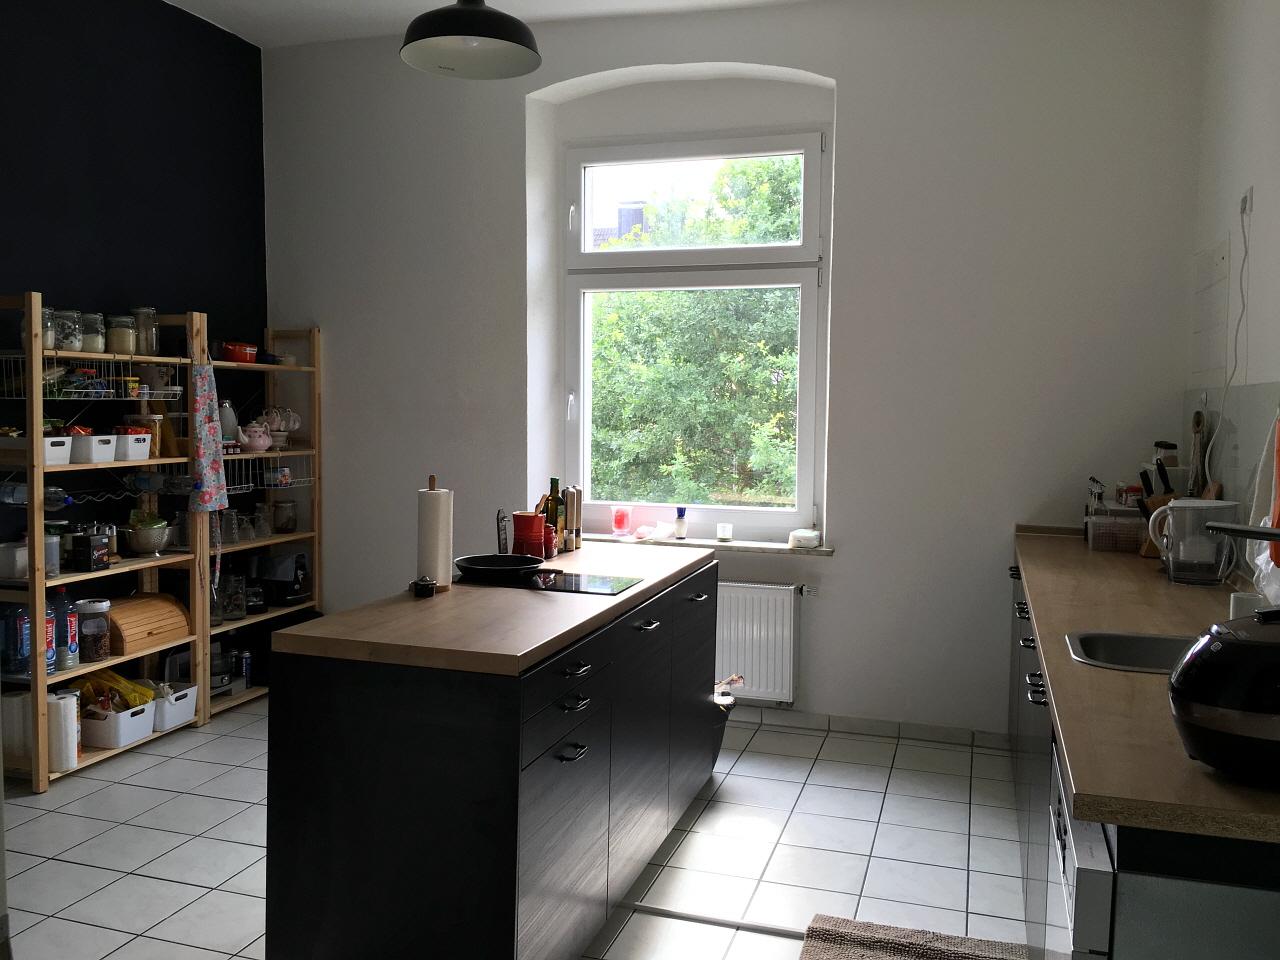 독일에선 전등도 없이 전선만 나와 있는 빈 집으로 이사를 한다. 벽 페인트 칠부터 싱크대 조립까지 두 사람이 손수 꾸몄다.